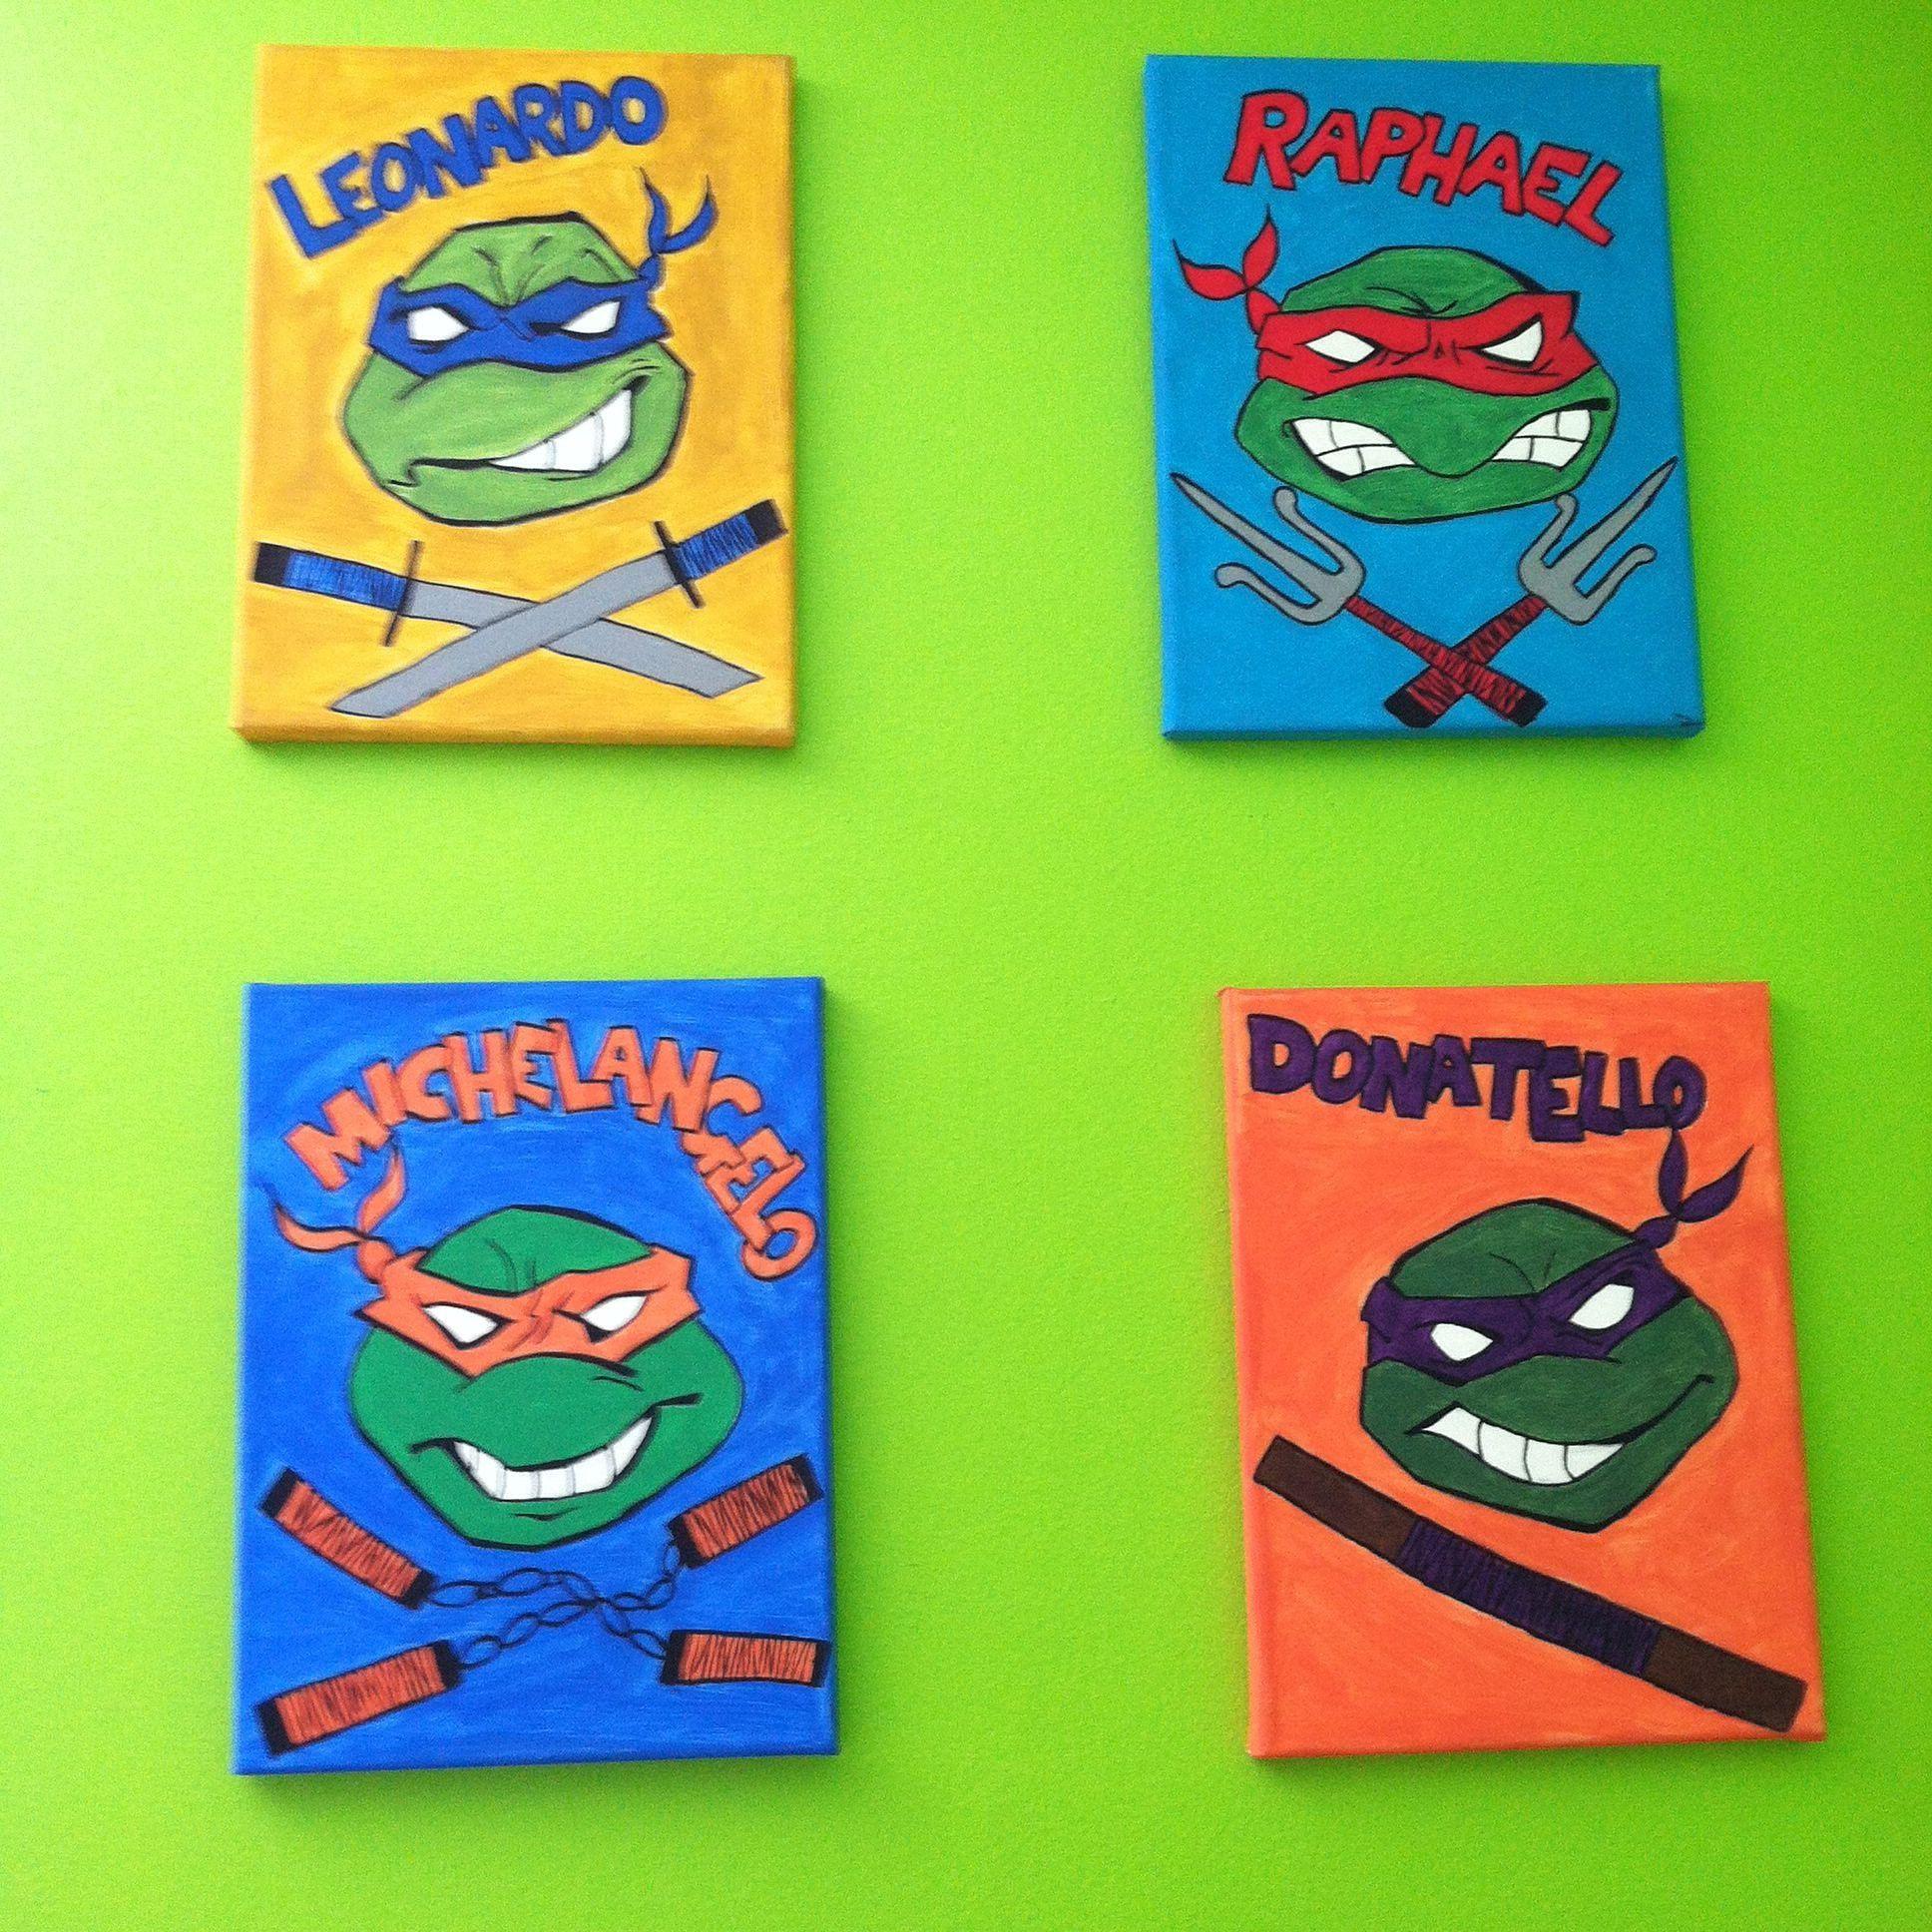 Teenage Mutant Ninja Turtles Bedroom Set Best Of Teenage Mutant Ninja Turtles Wall Art Tmnt In 2020 Ninja Turtle Bathroom Ninja Turtle Decorations Ninja Turtles Canvas